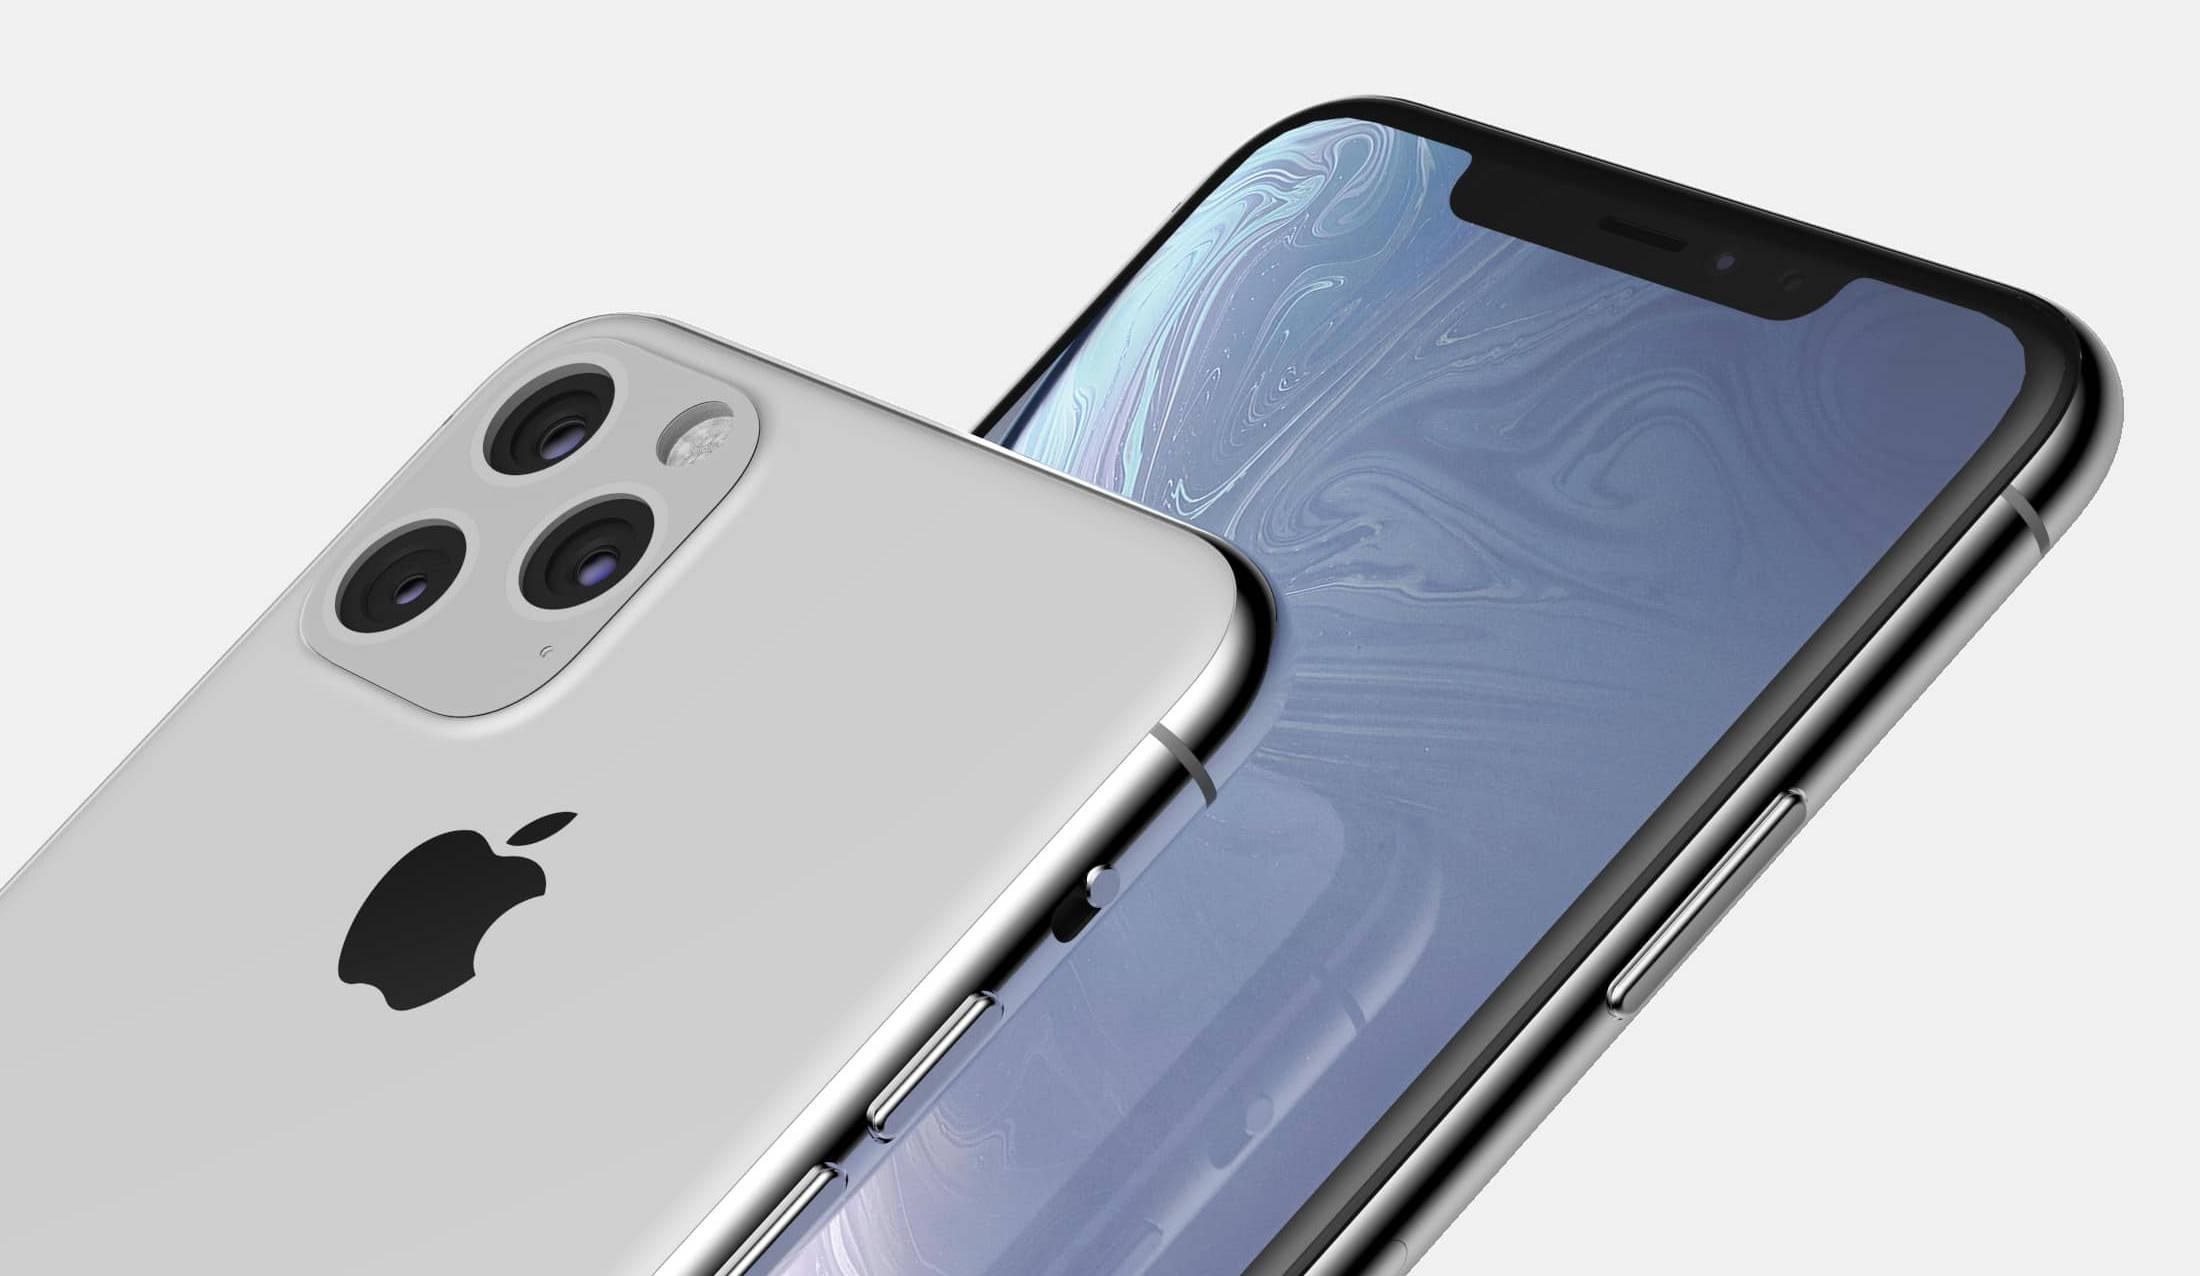 Ile zapłacimy za tegoroczne iPhone'y? Pierwsze spekulacje na temat cen iPhone 11